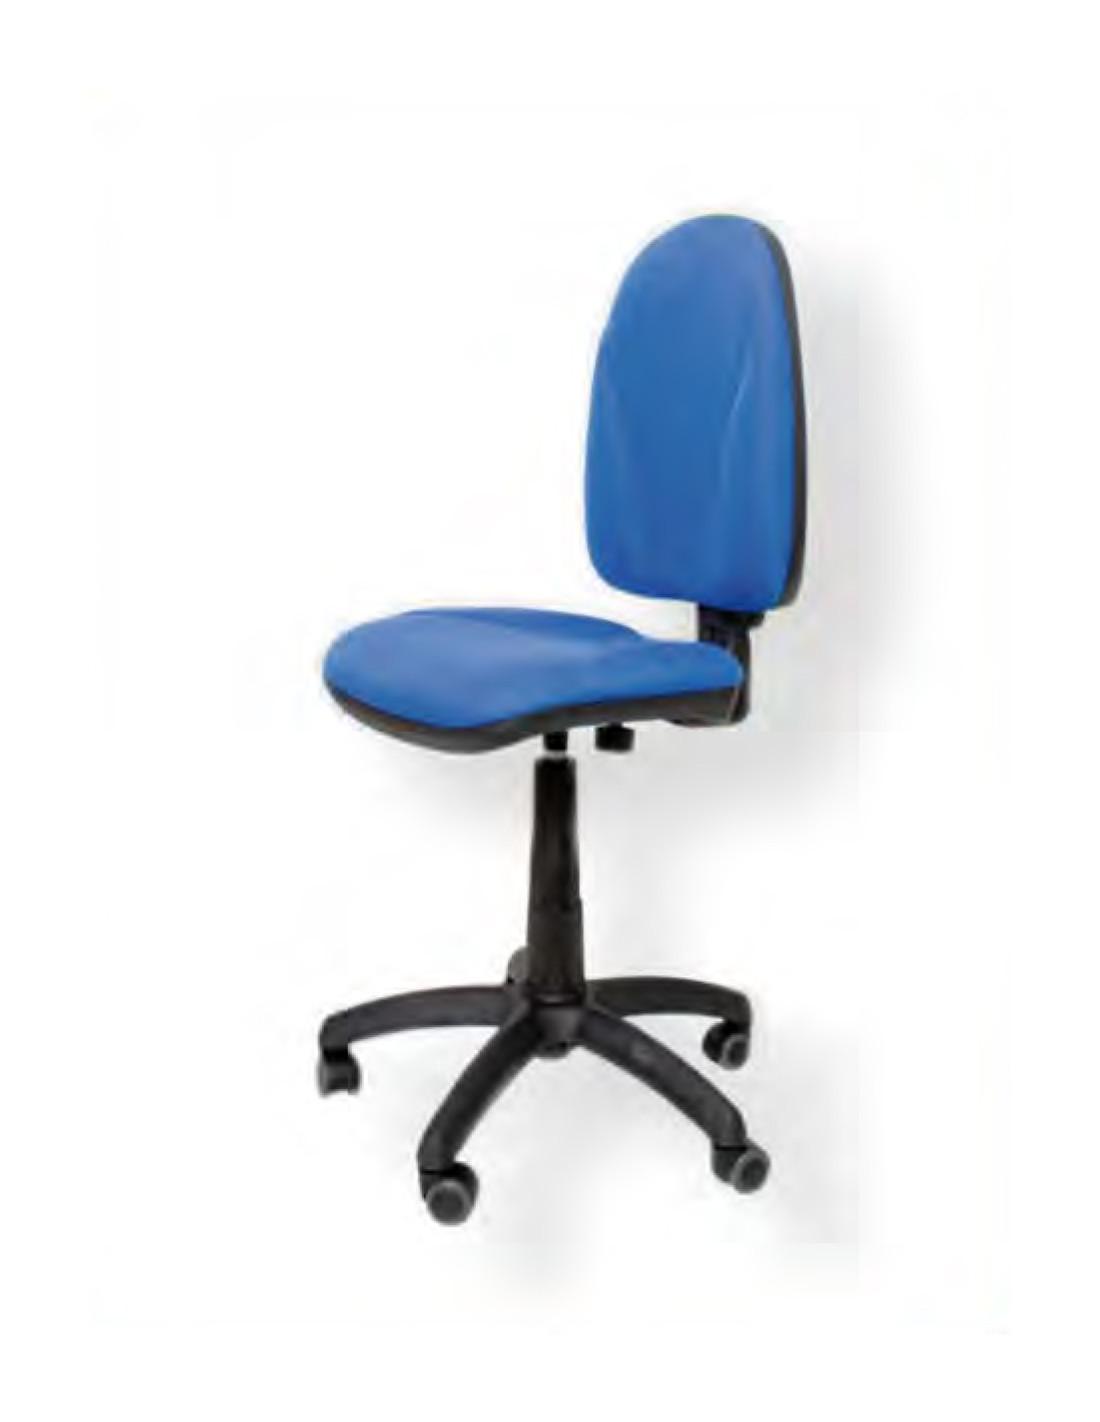 Silla oficina tapizado azul sin ruedas for Rueditas para sillas oficina